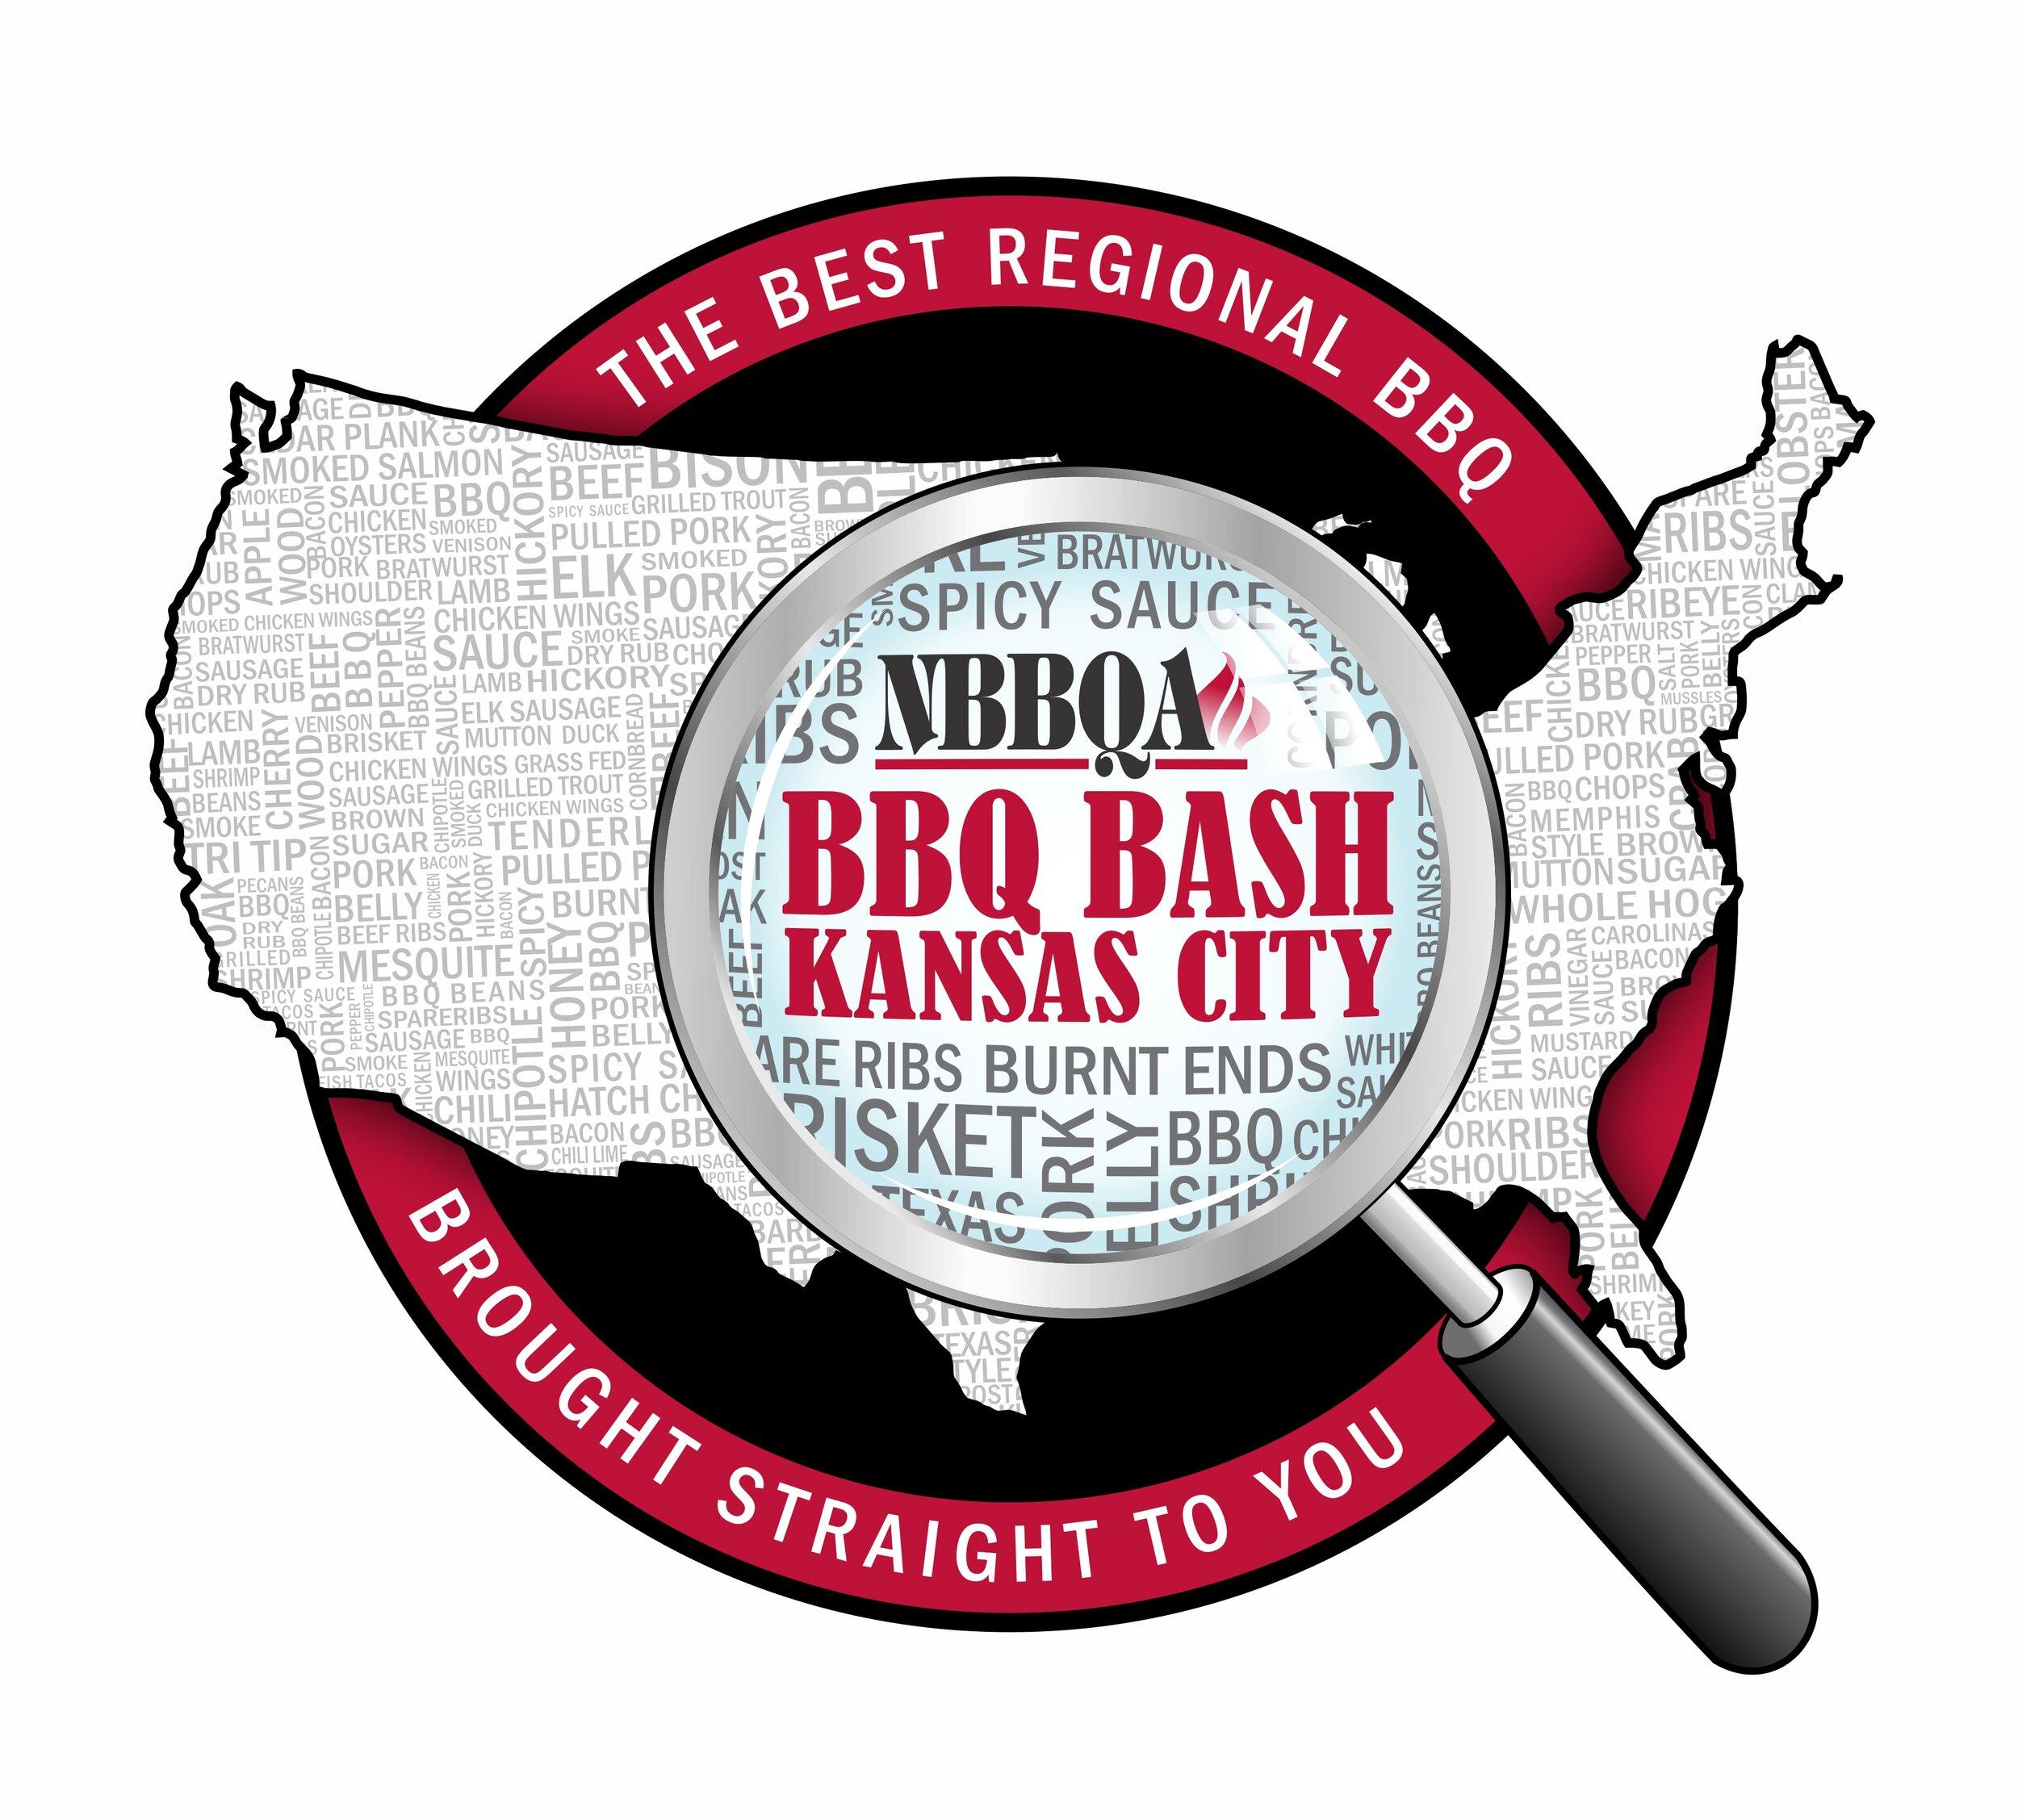 NBBQA BBQ BASH 2019 (1).jpg